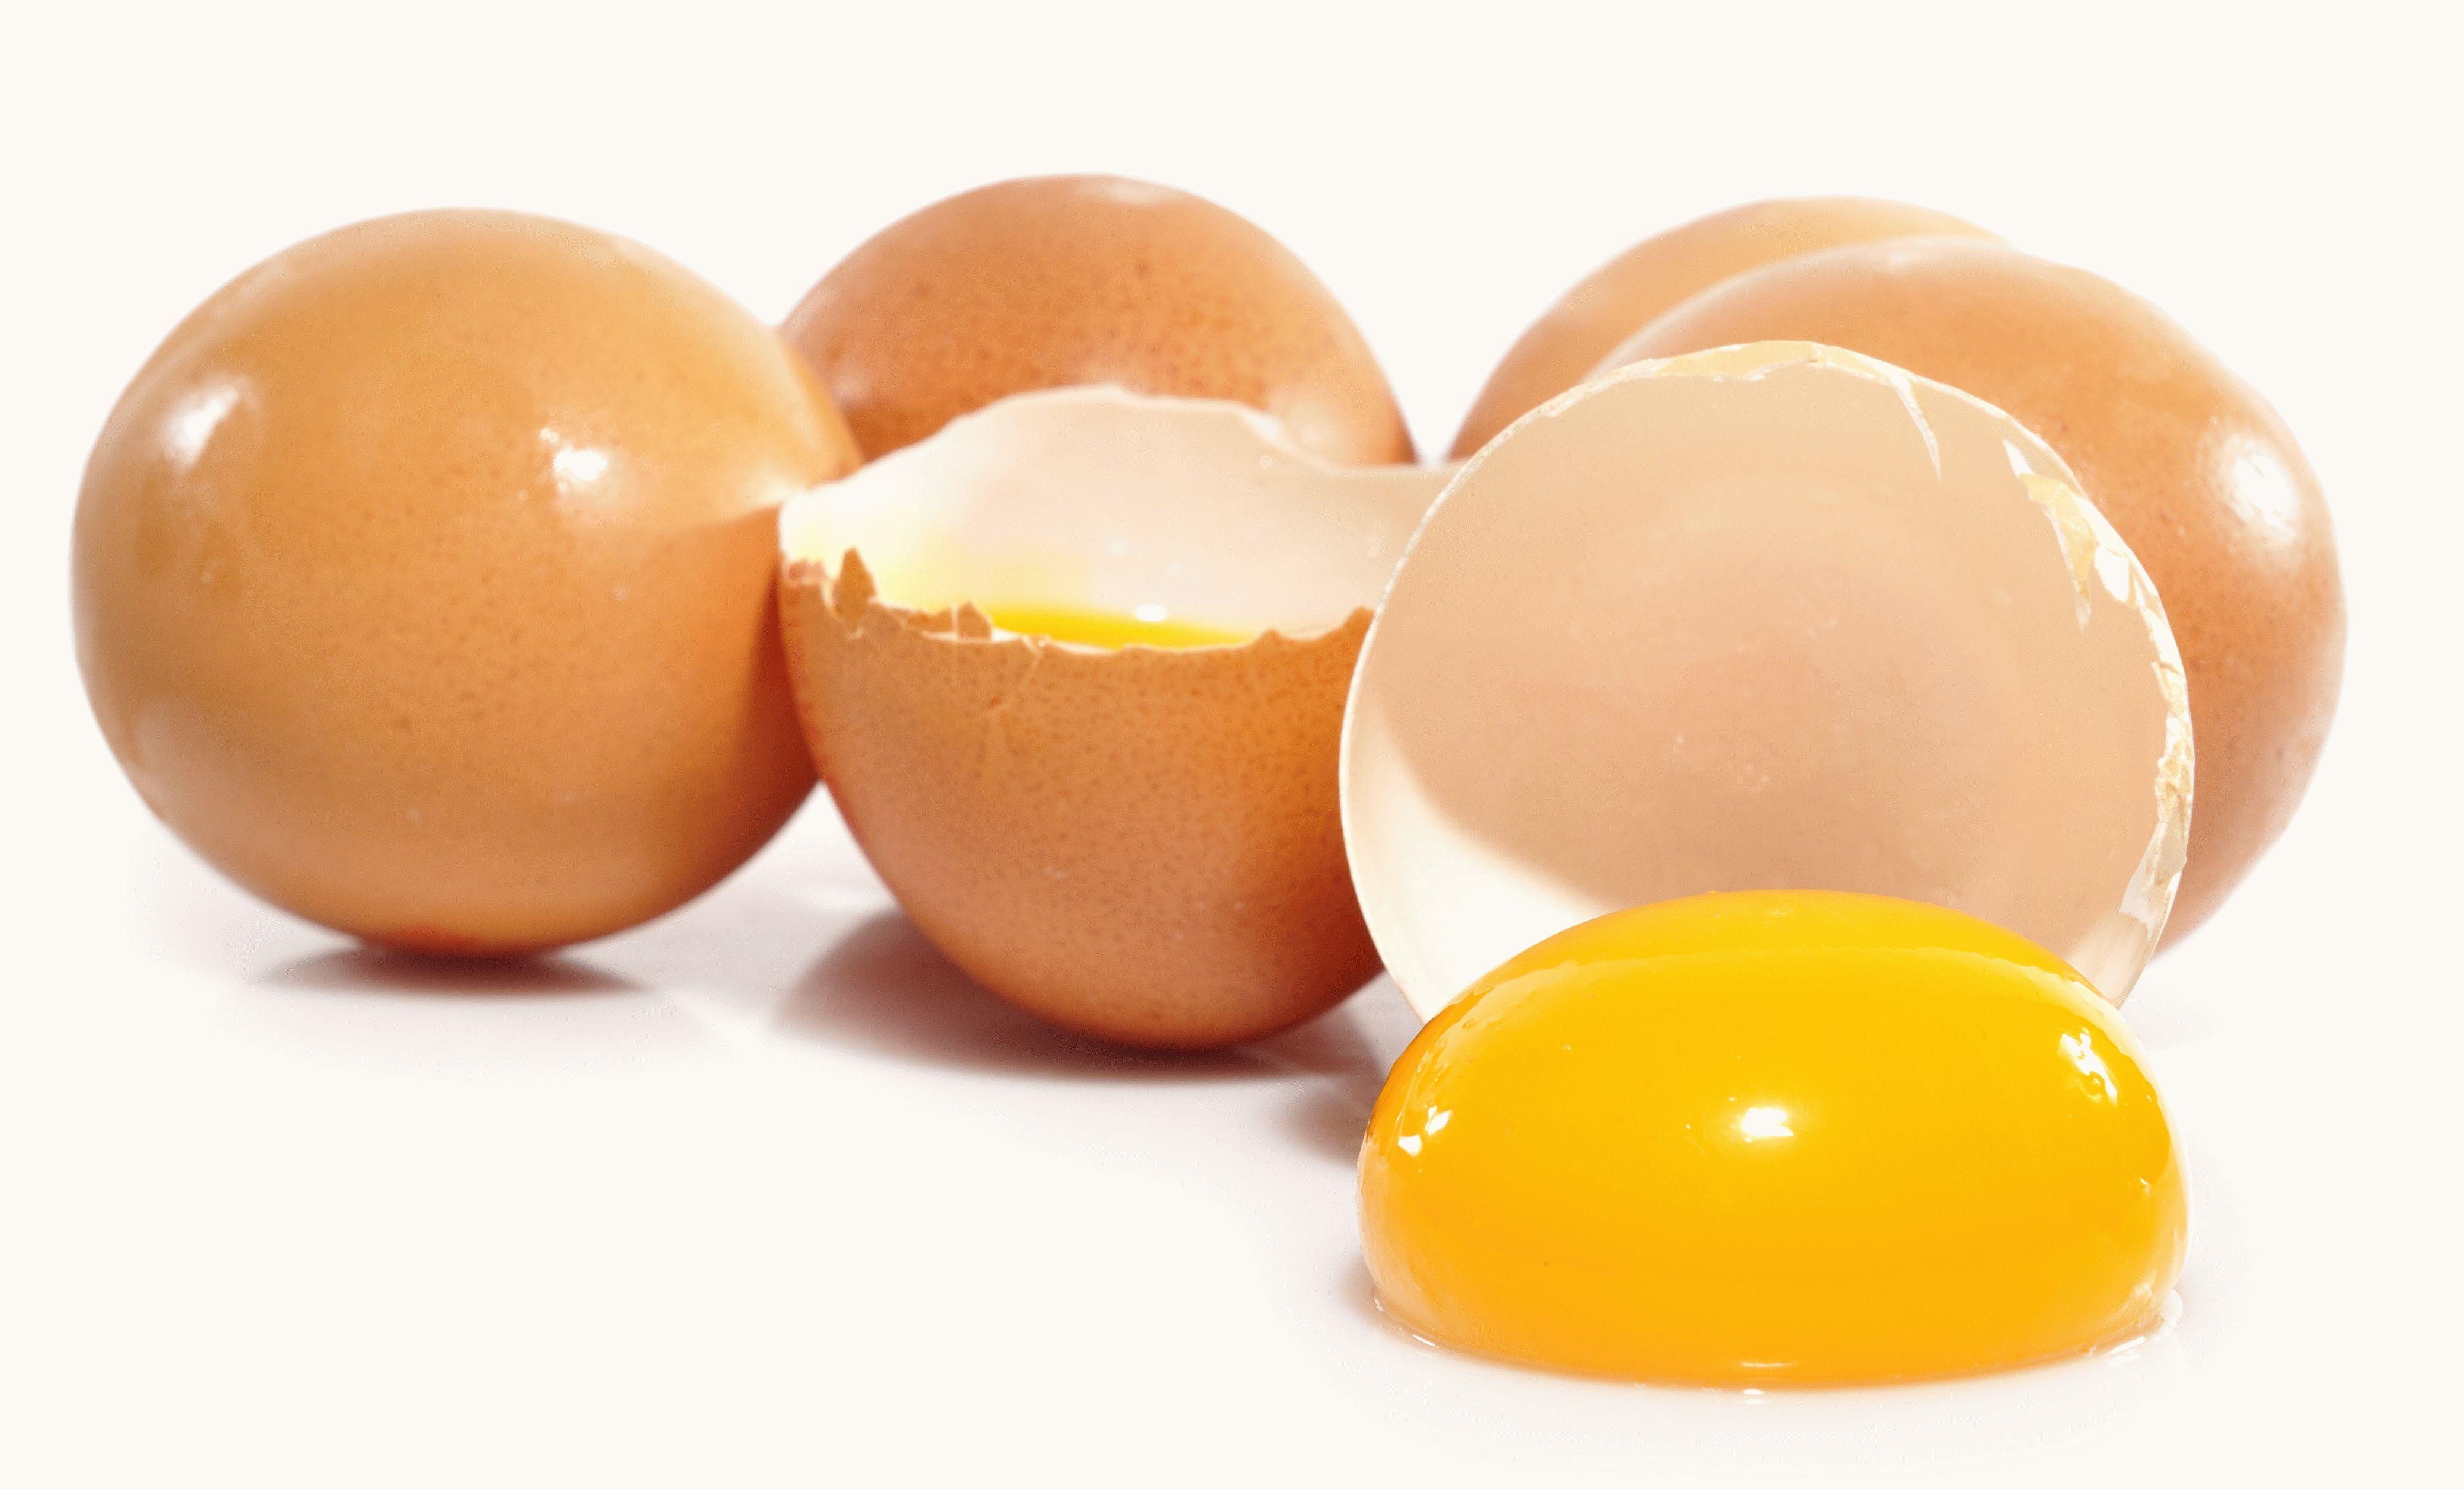 Yema de huevo crudo.